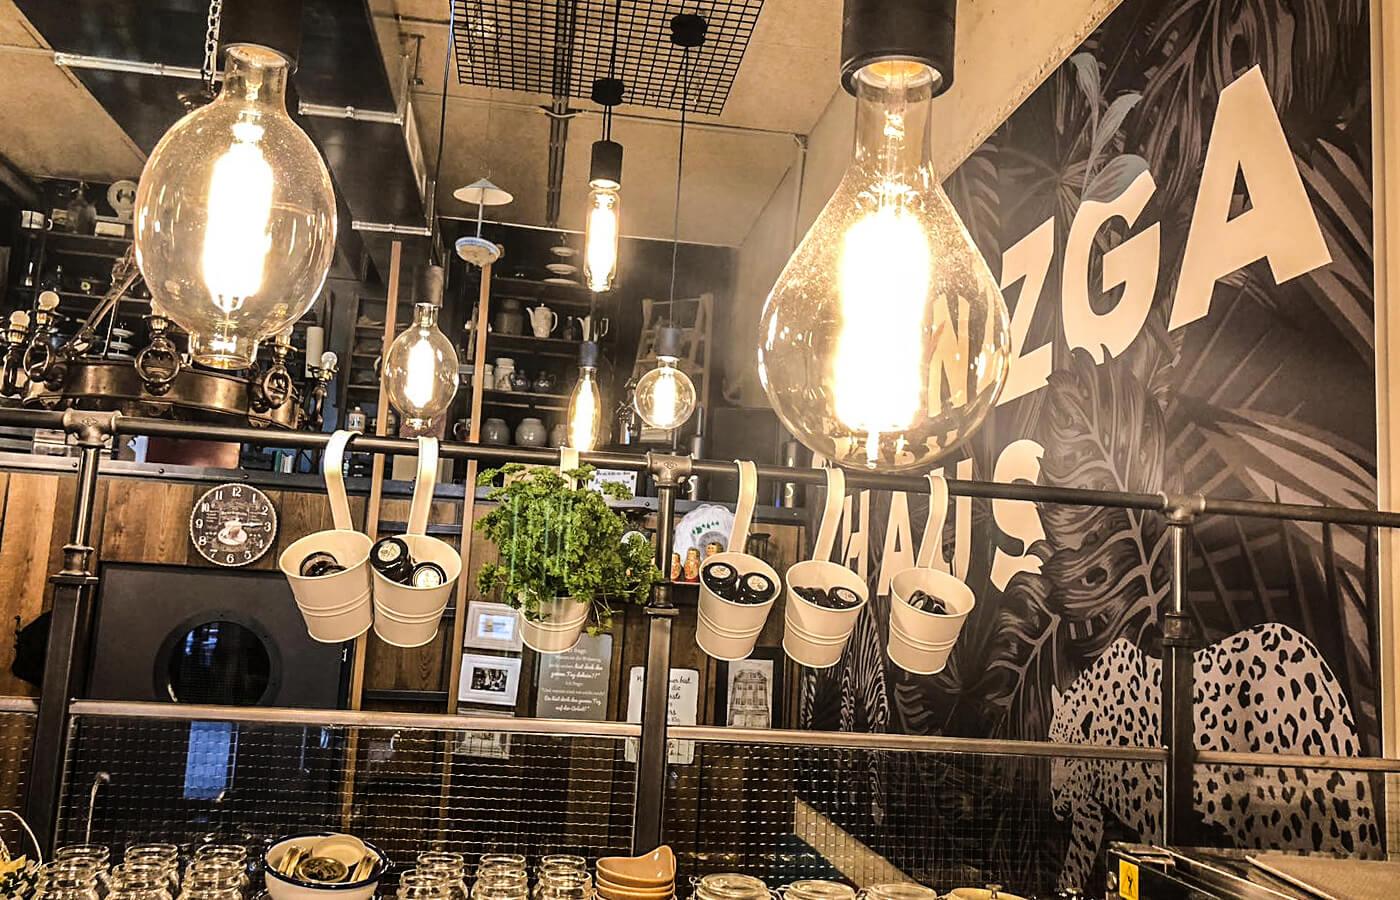 zwanzger leoben, bistro einrichtung, gastromöbel, licht design, lichtkonzept, gastro decoration